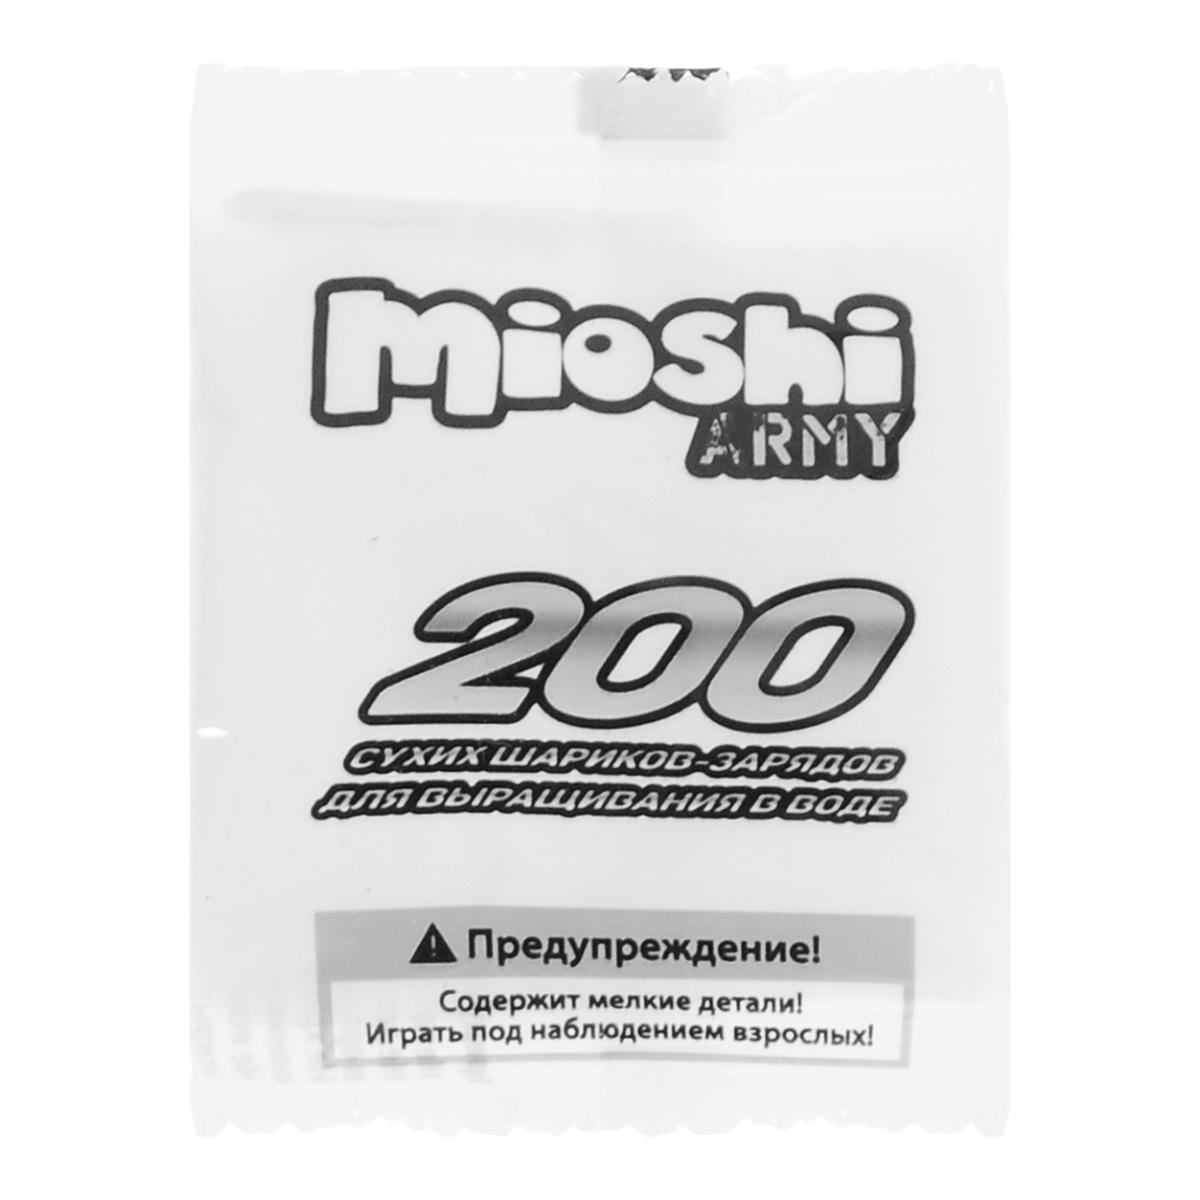 Набор гелевых шариков Mioshi Army, 200 штMAR1105-006Гелевые шарики Mioshi Army станут отличным дополнением для уже имеющегося бластера, автомата или пистолета от Mioshi Army. Не забудьте позаботиться о том, чтобы у вас всегда хватало патронов для игры! Вы можете приобрести дополнительный набор сухих гелевых шариков из безопасного водного полимера. В каждом пакете 200 шариков .